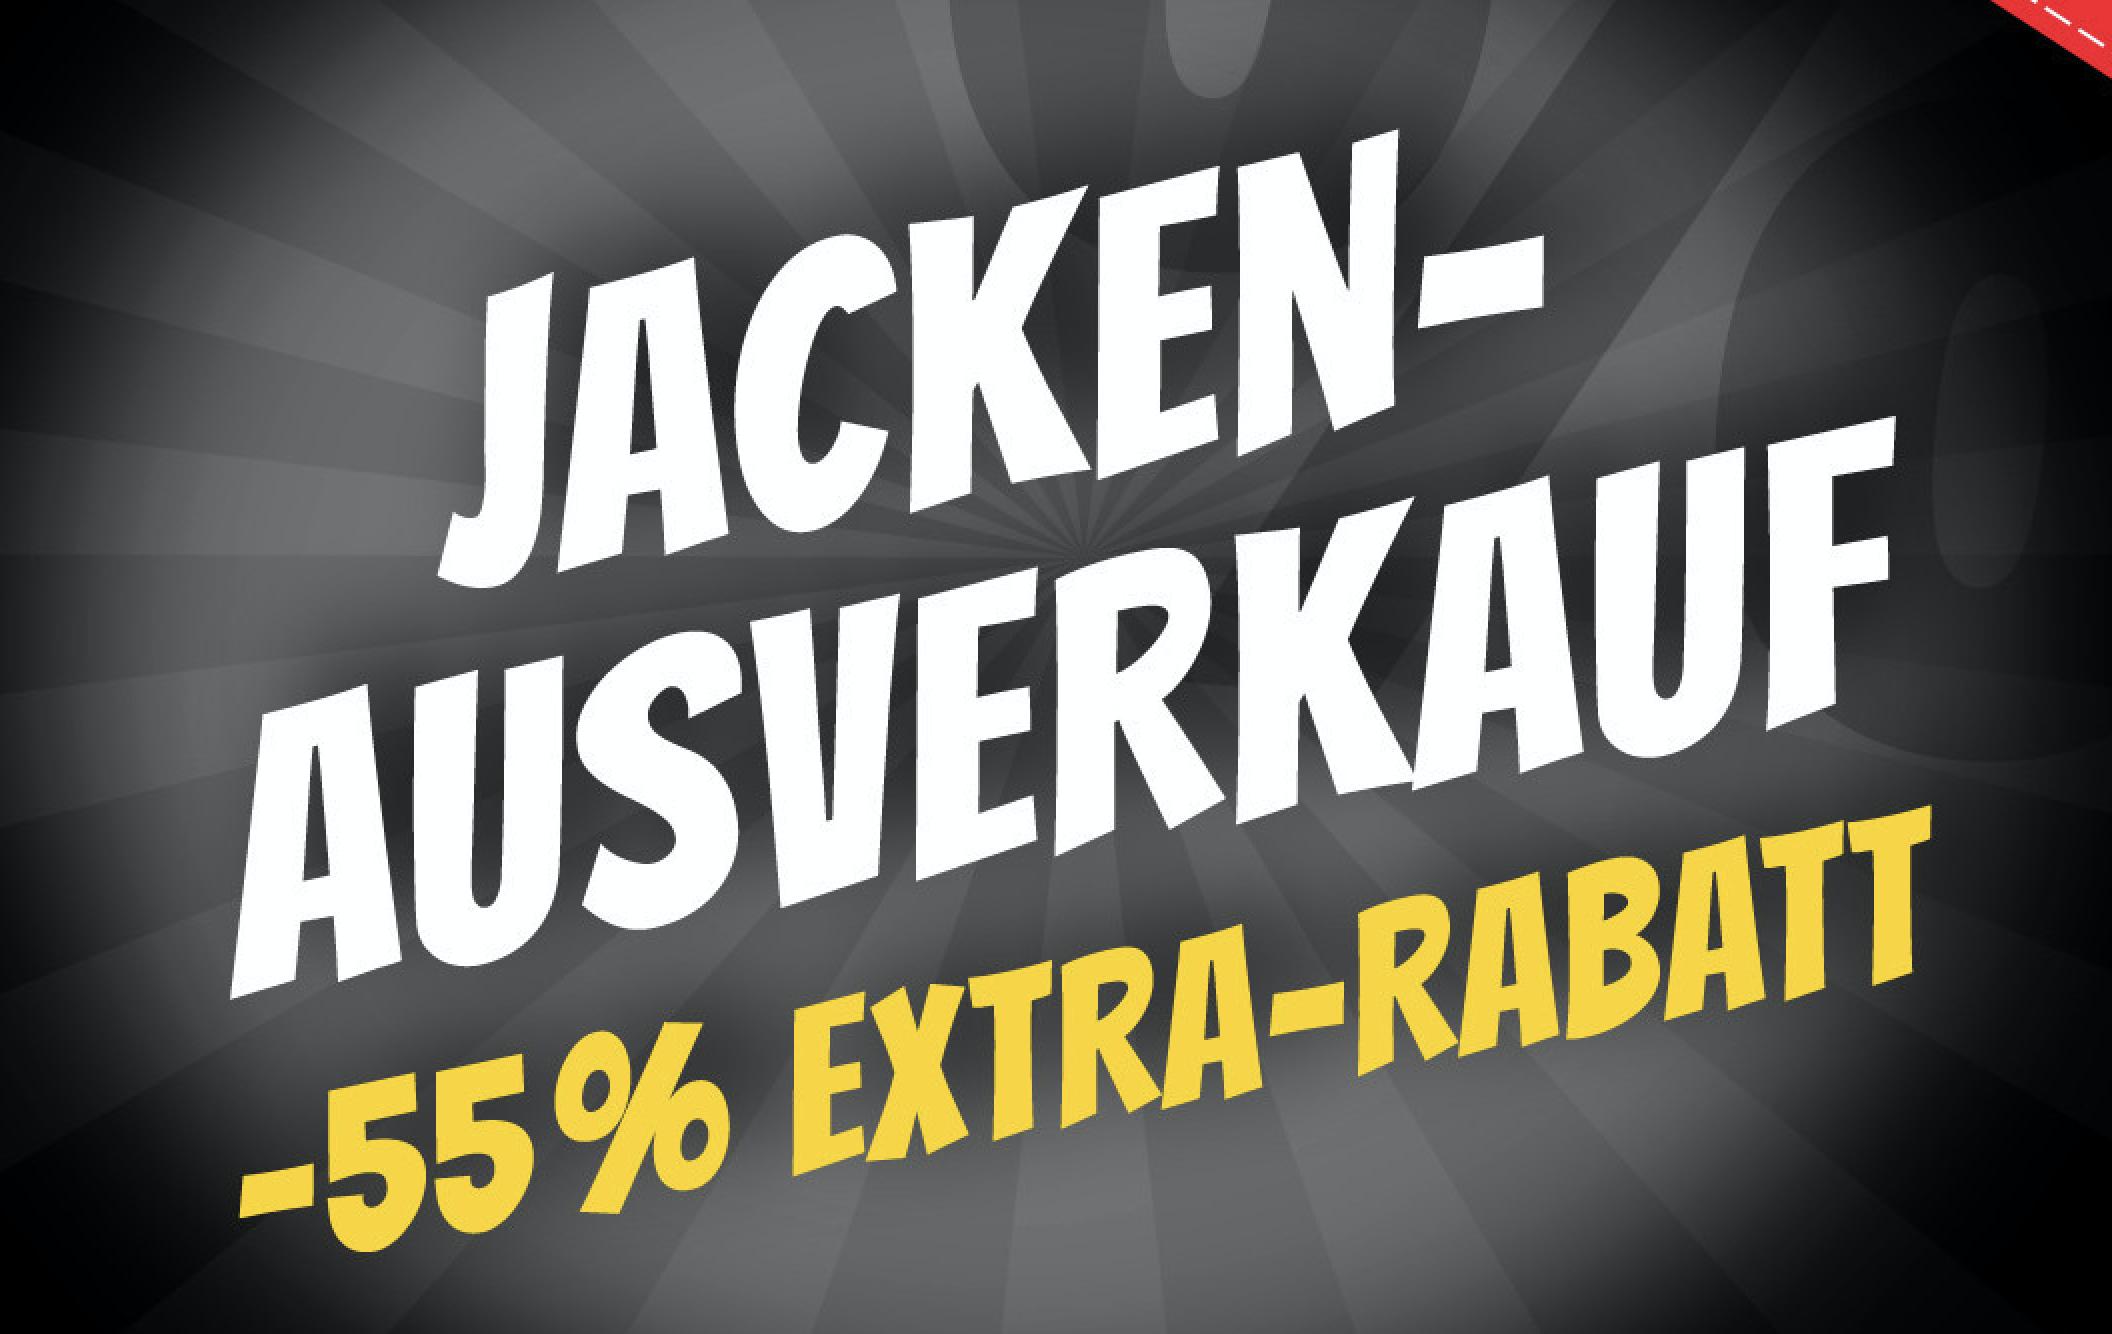 Sportspar: Jacken-Ausverkauf mit 55% Extra Rabatt auf bereits Reduzierte Artikel